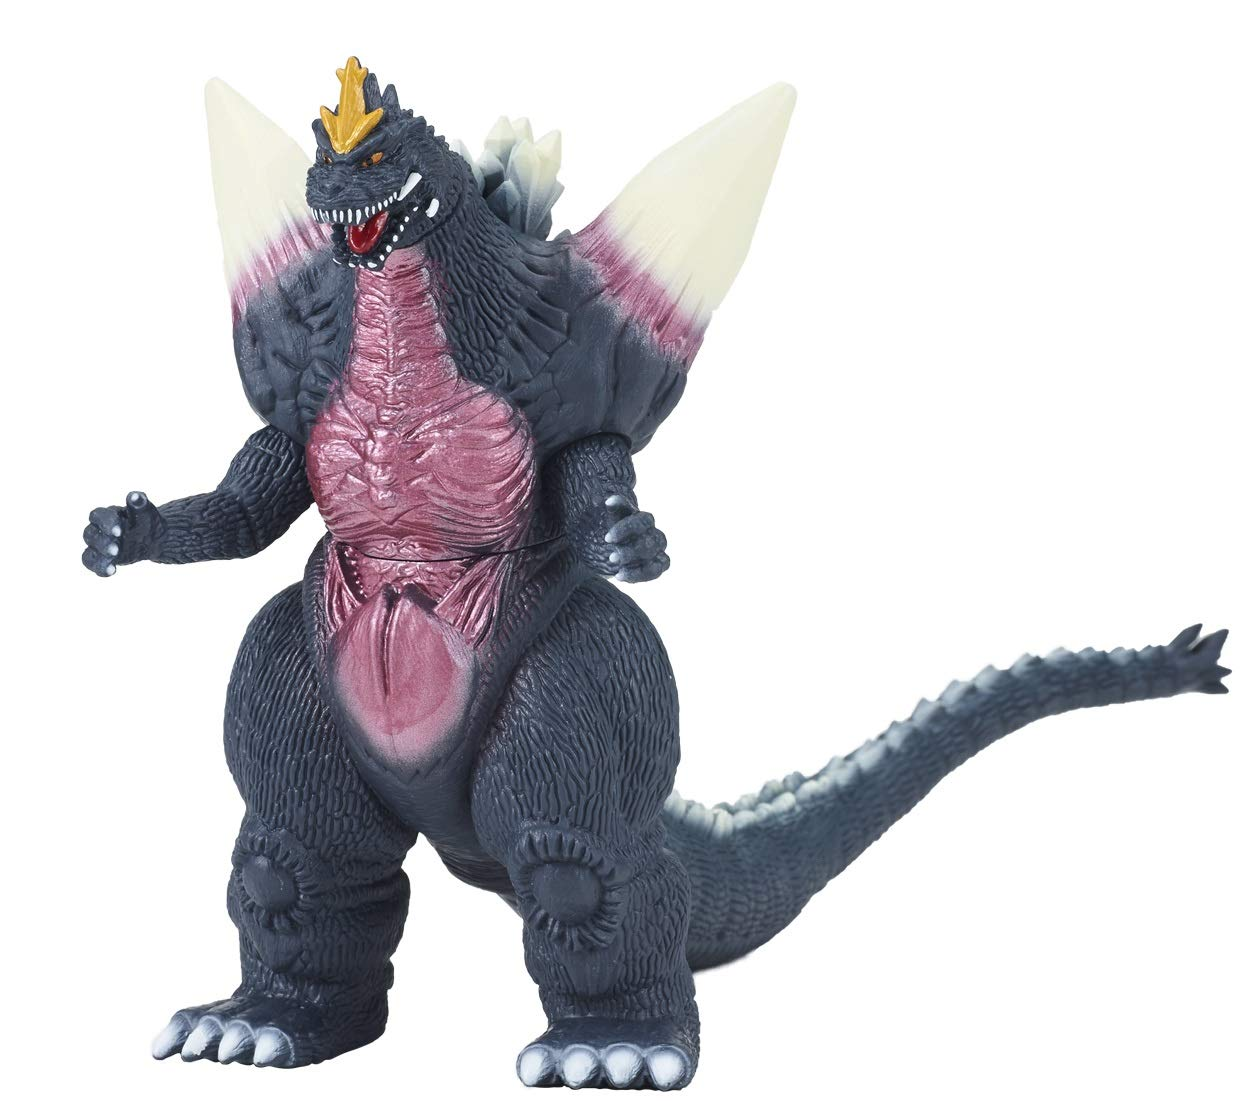 Godzilla - Movie Monster 2019 - Space Godzilla - Bandai